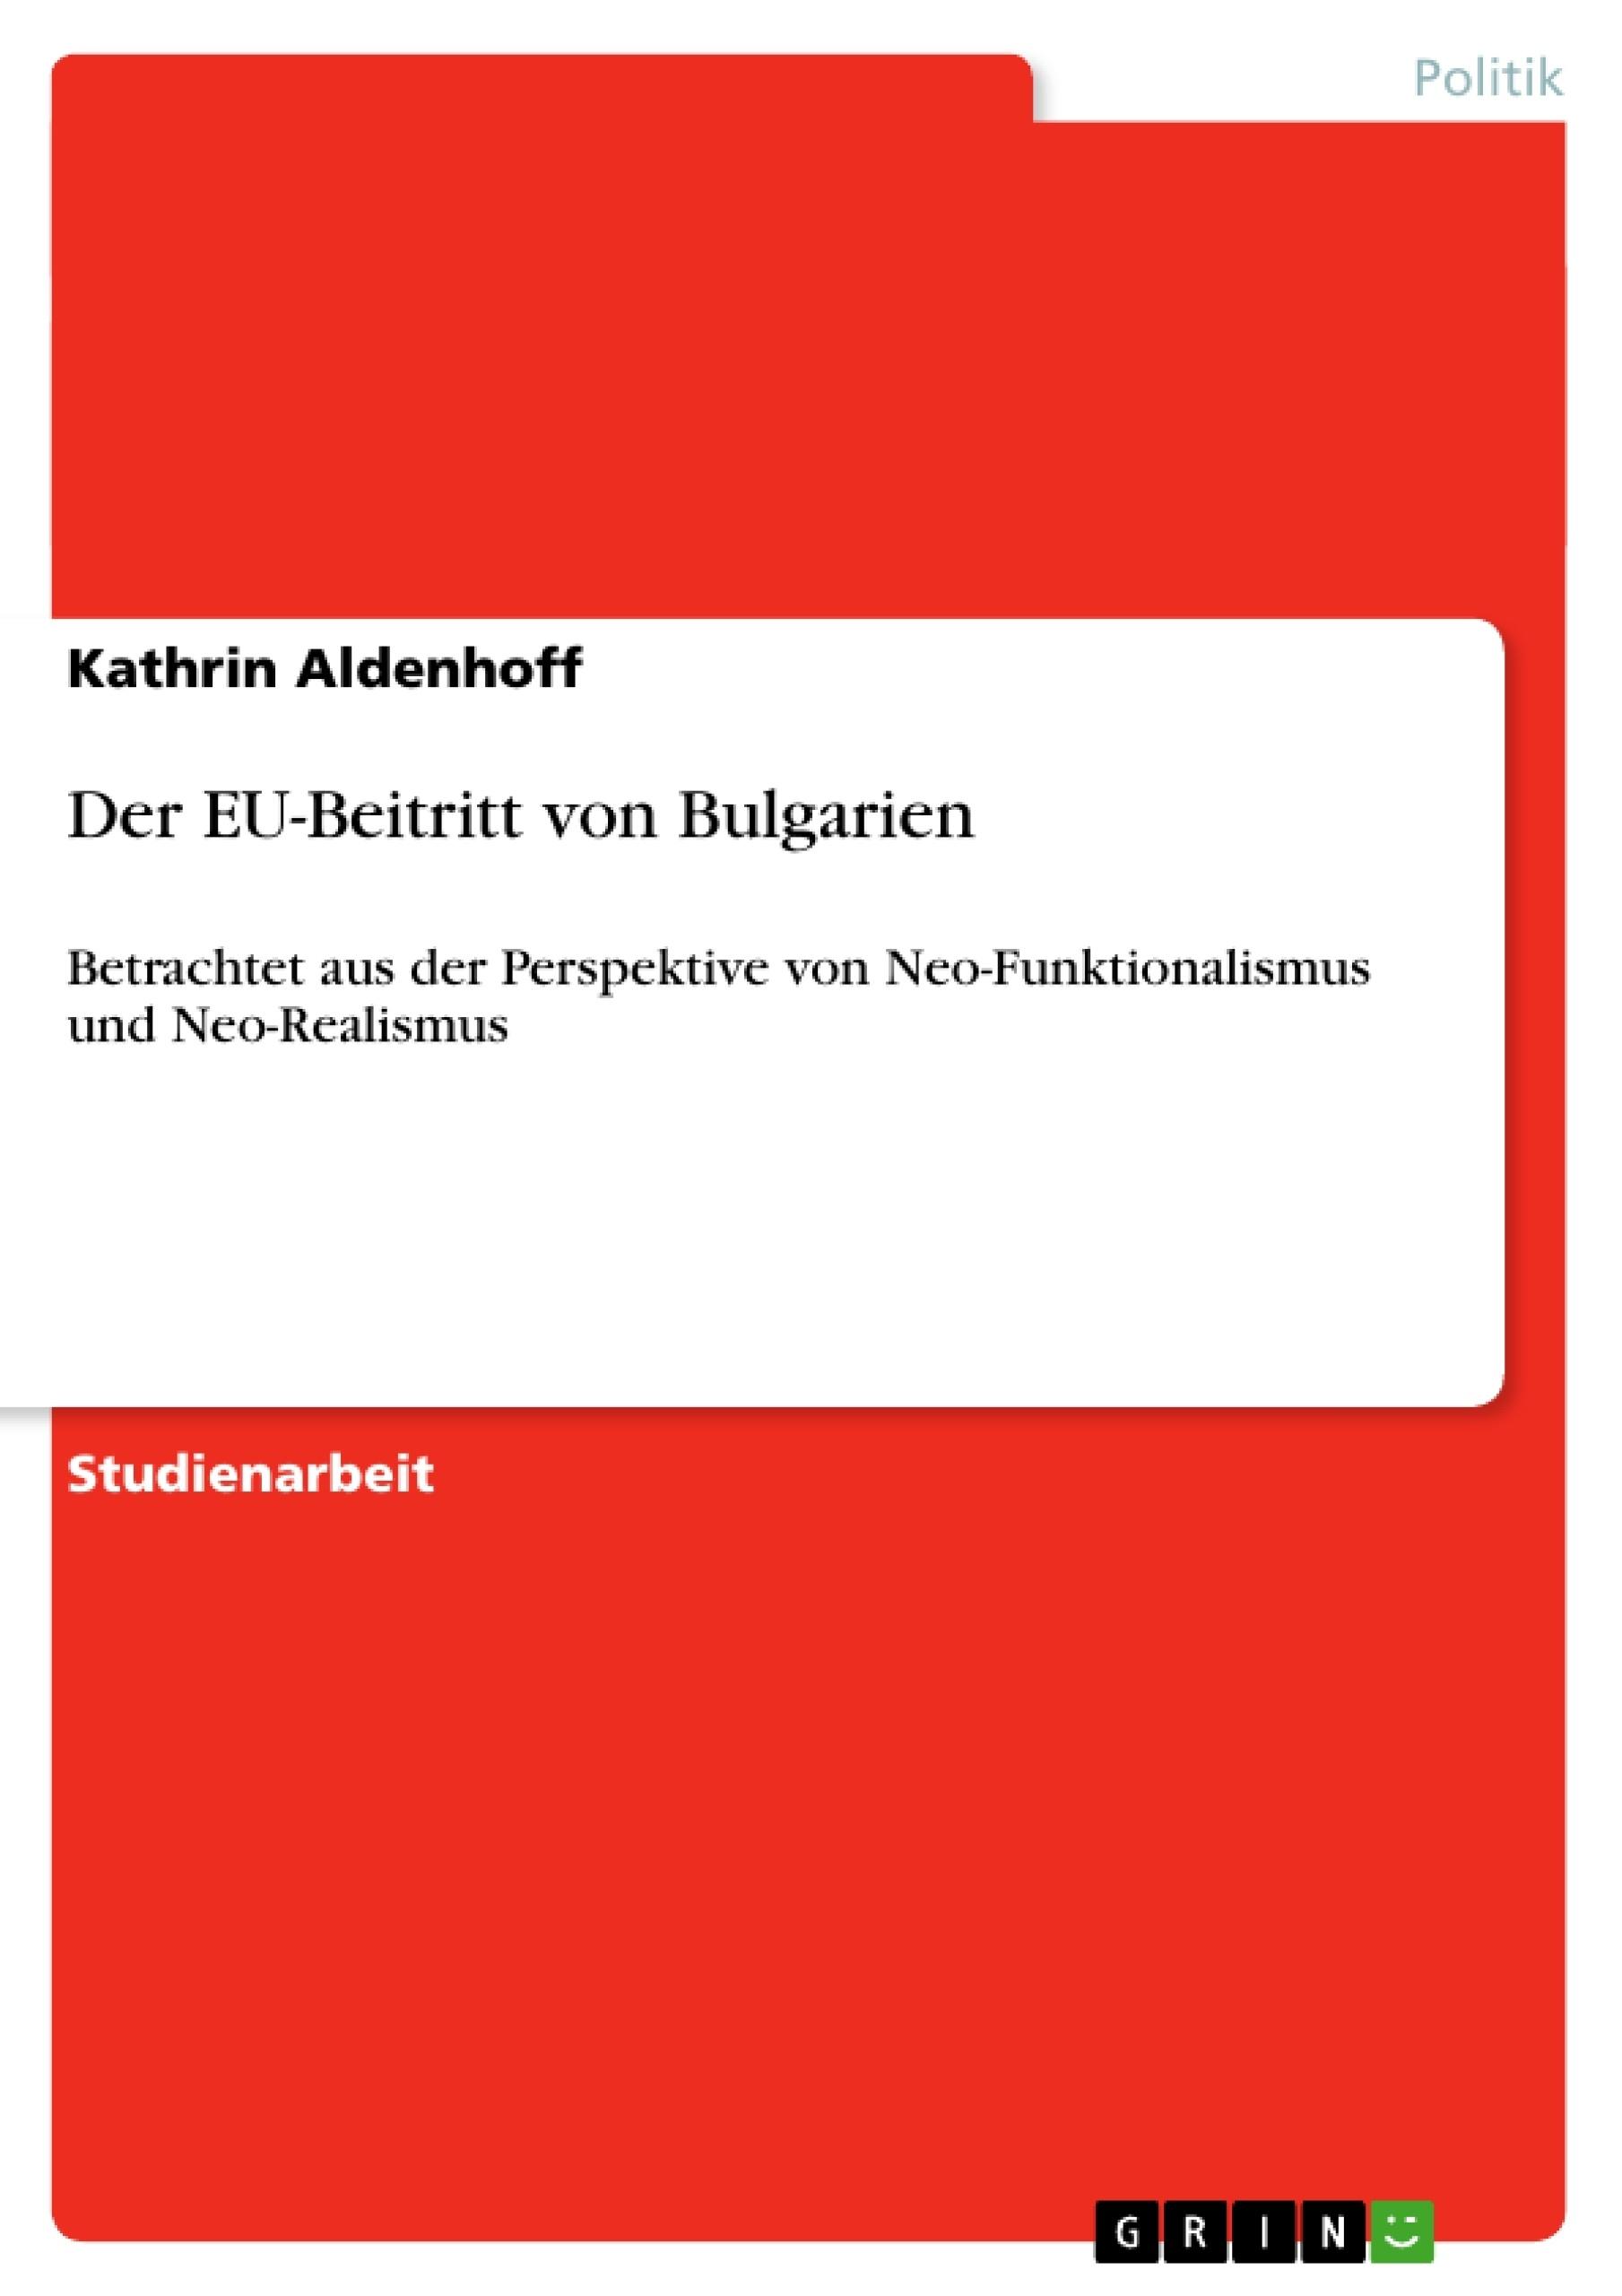 Titel: Der EU-Beitritt von Bulgarien